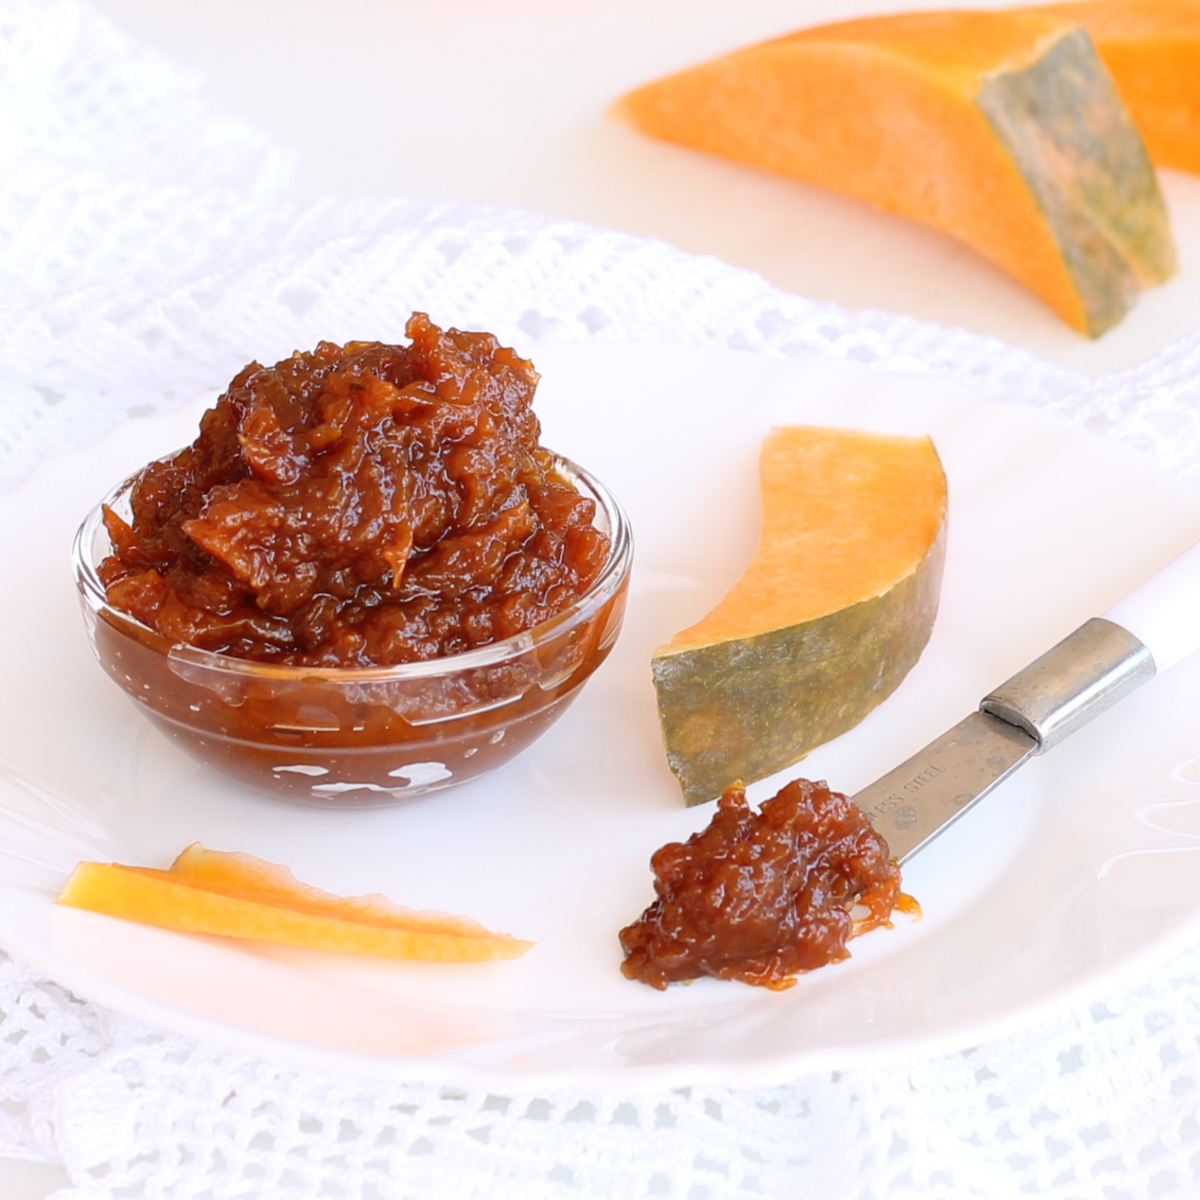 RICETTA MARMELLATA DI ZUCCA facile | per dolci e formaggi stagionati